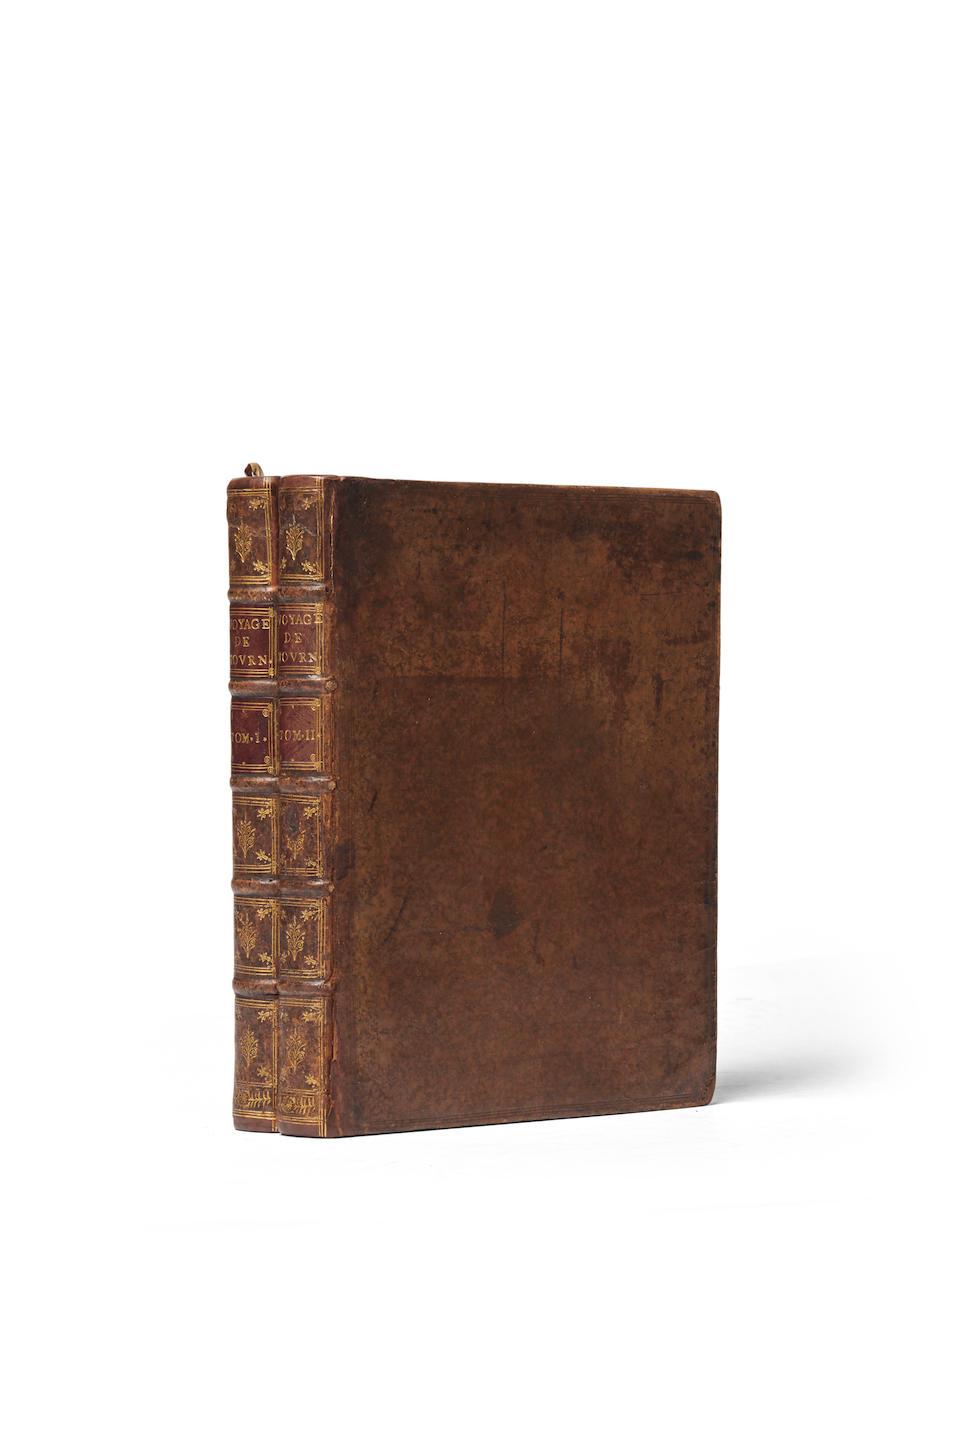 TOURNEFORT, JOSEPH PITTON DE. 1656-1708. Relations d'une Voyage du Levant. Amsterdam: aux dépens de la Compagnie, 1718.